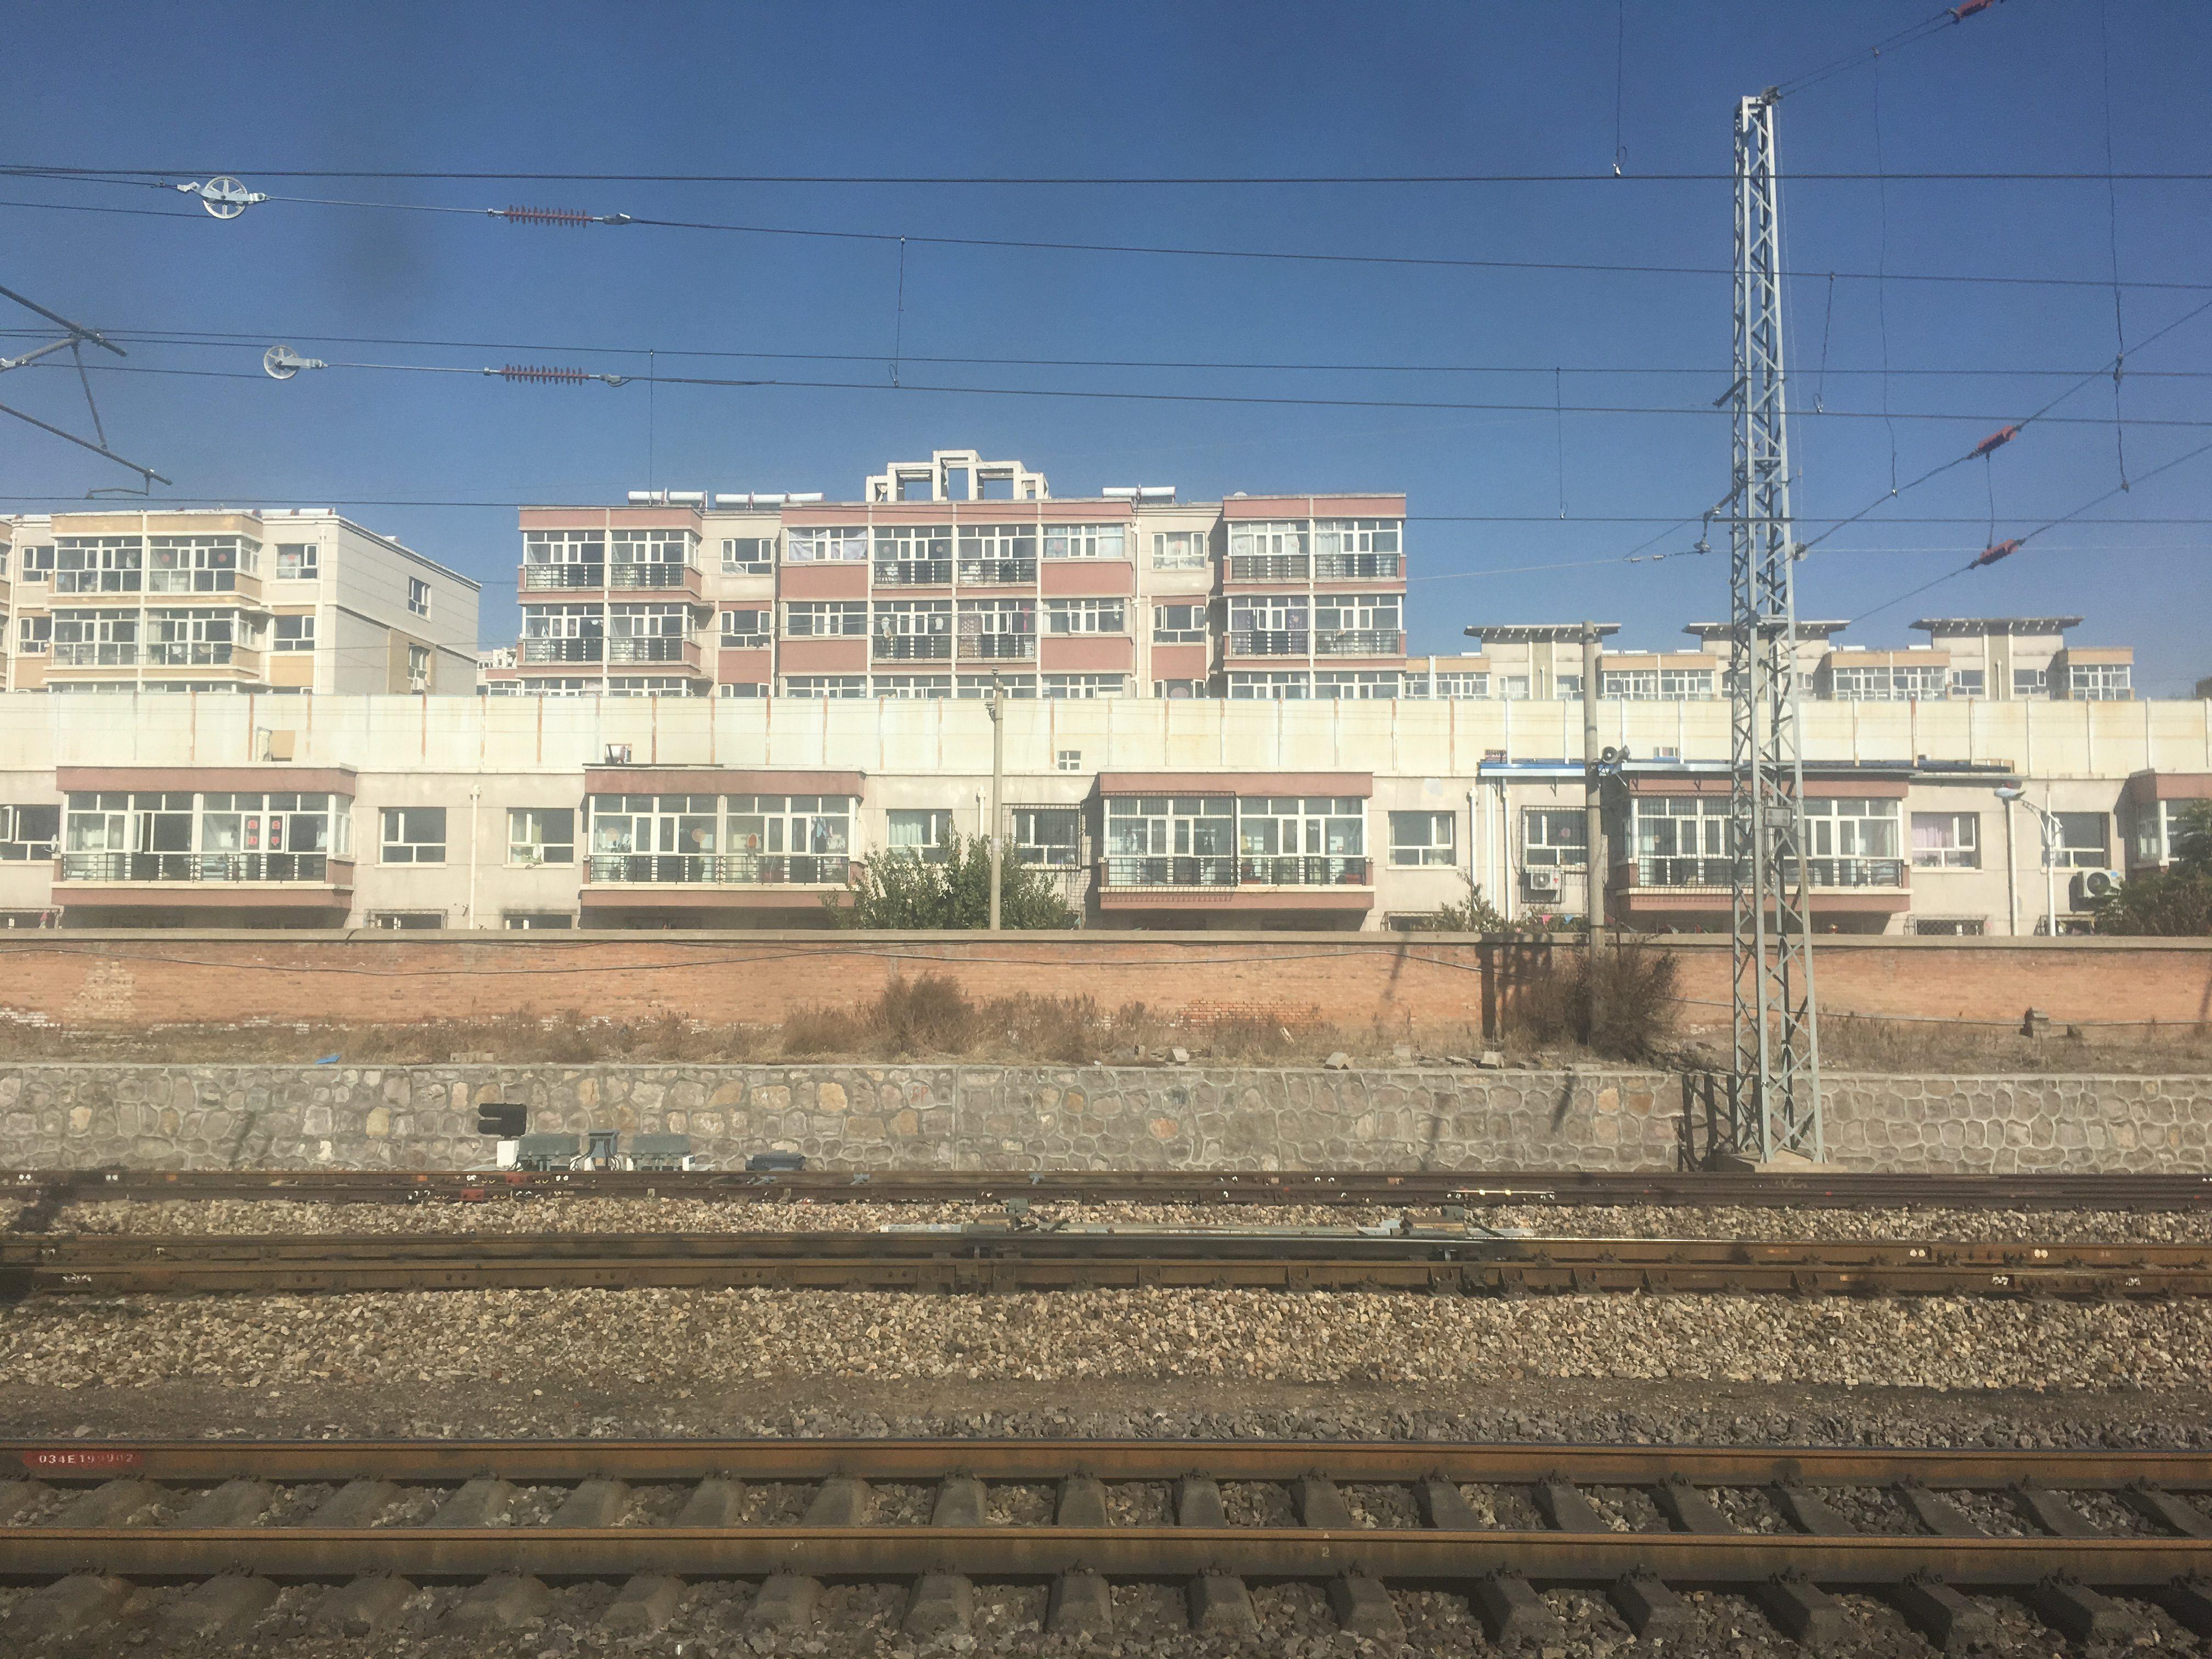 Between Zhangjiakou and Datong